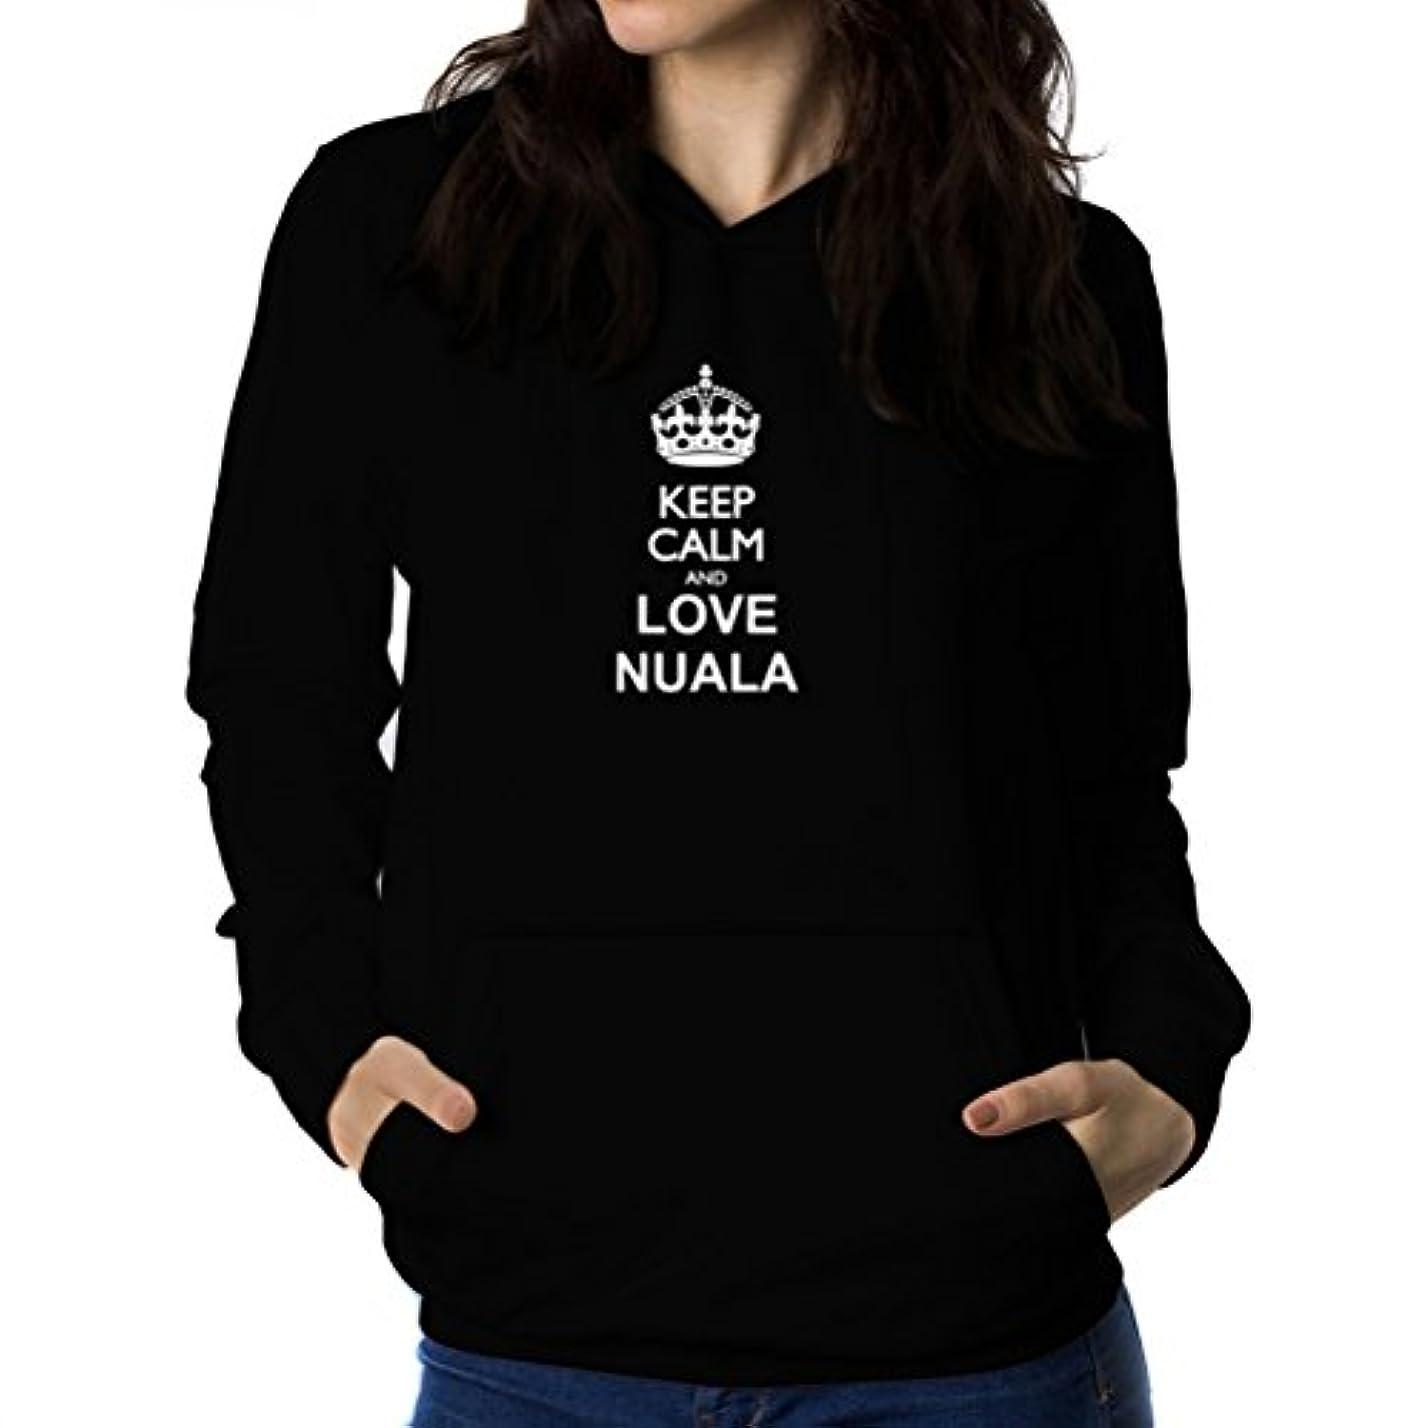 の少ないきしむKeep calm and love Nuala 女性 フーディー